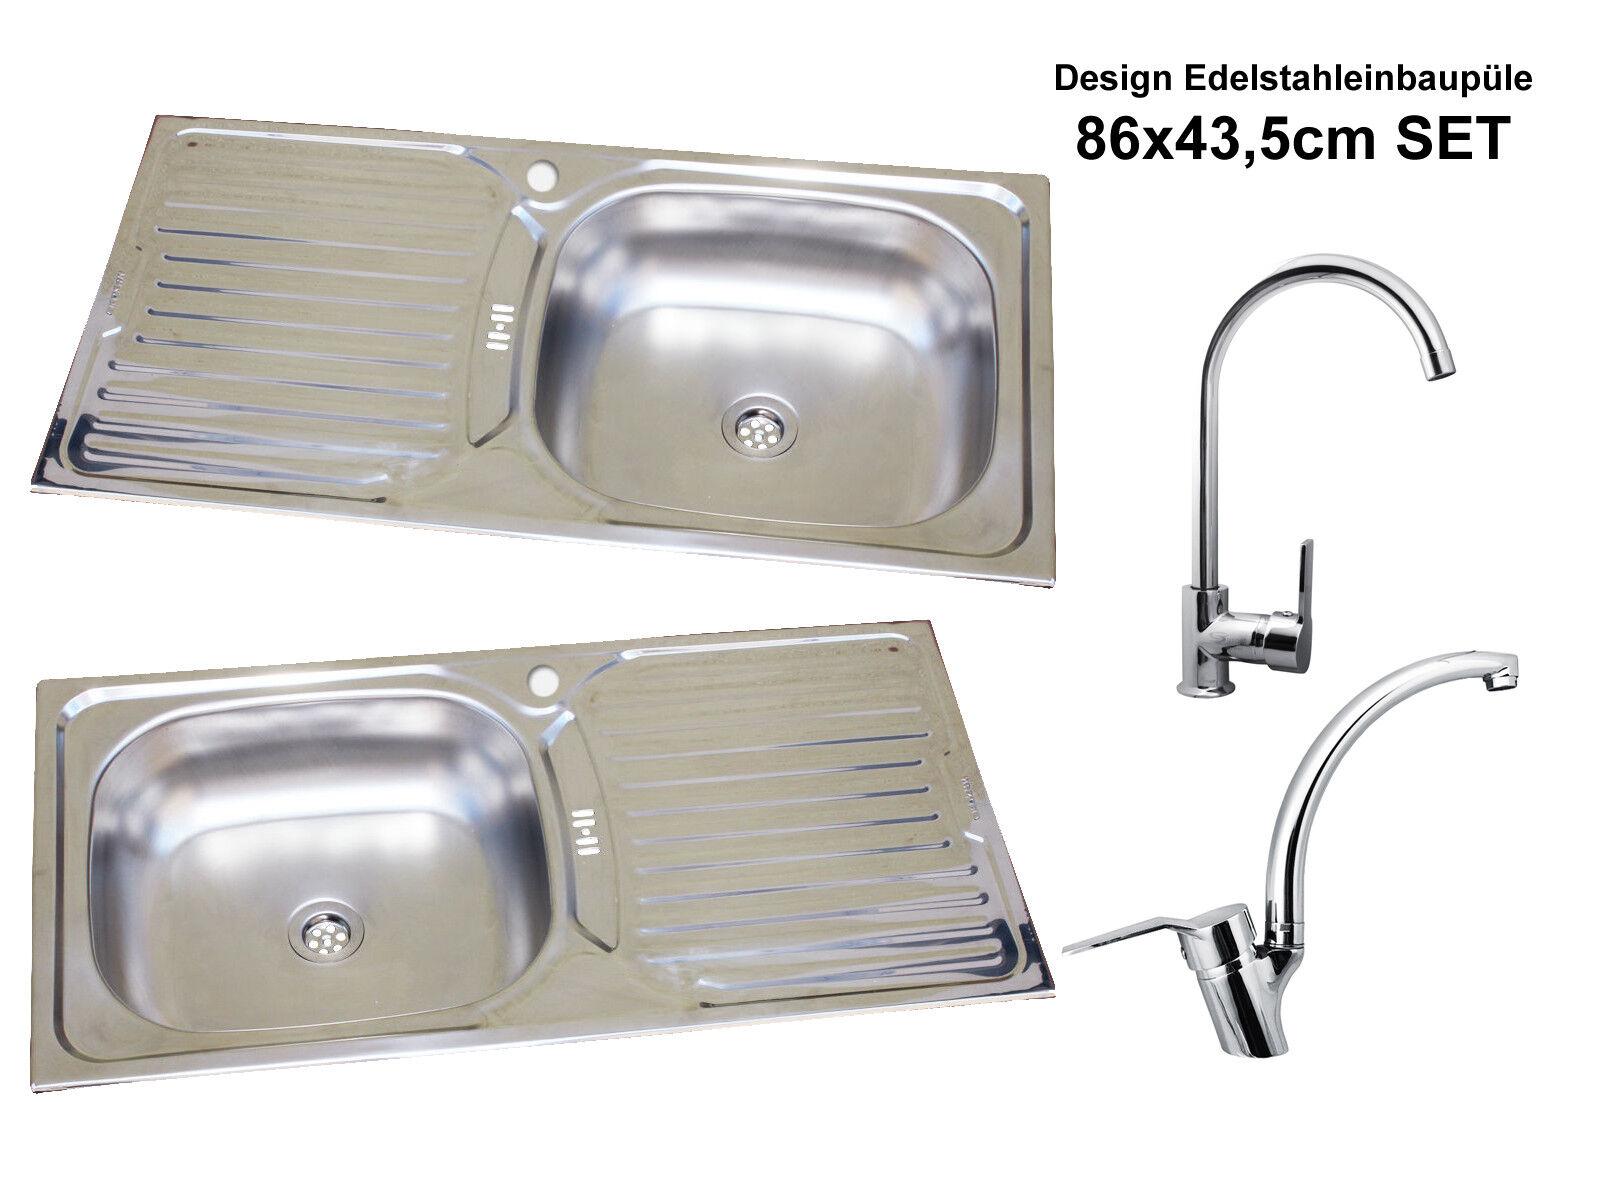 Acero Inox Fregadero Integrado 86cm X 43,5cm Cocina Lavabo de Inoxidable